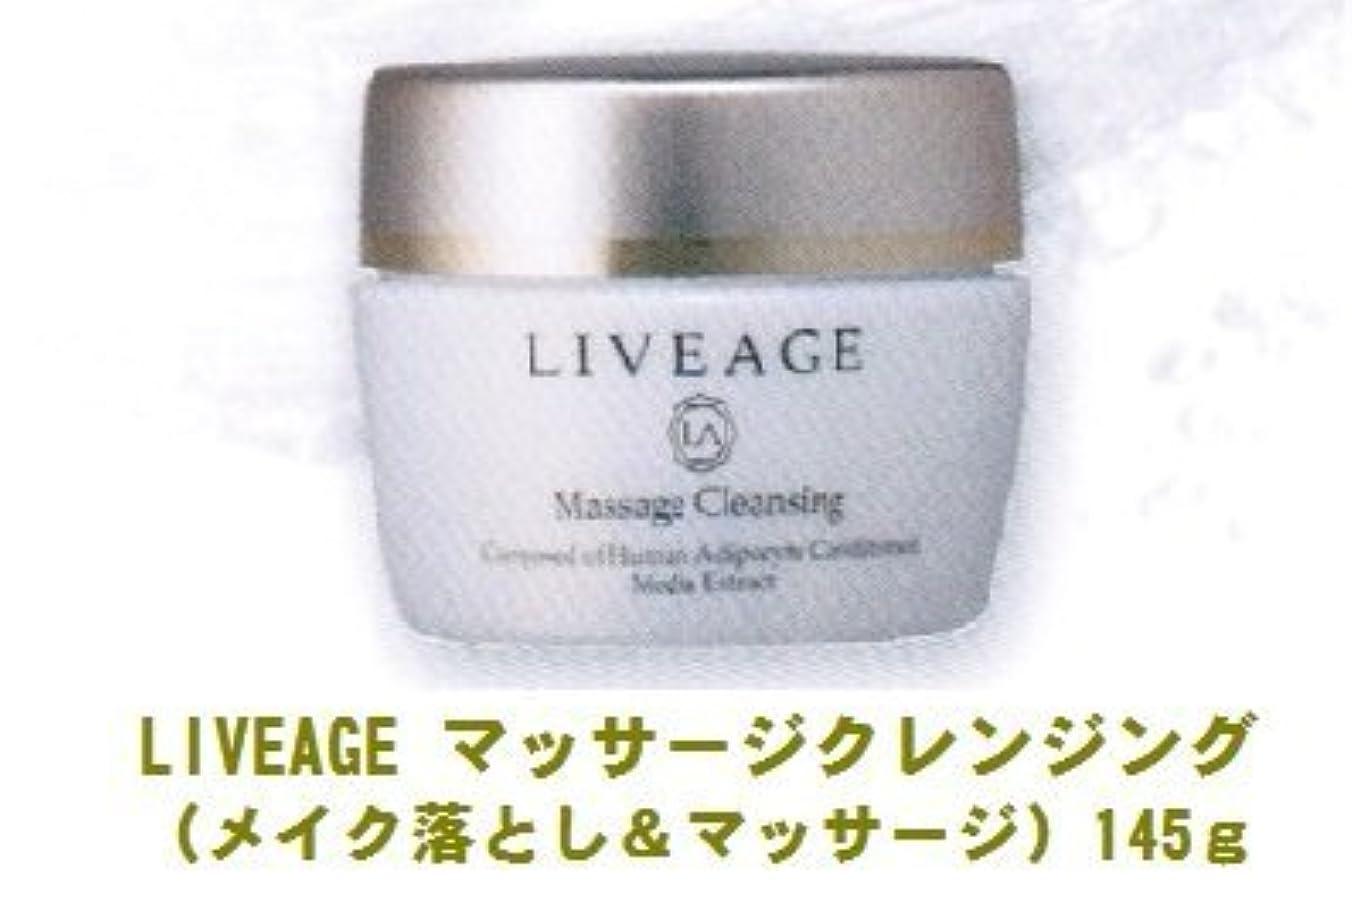 正確腫瘍限りなくLIVEAGE(ライヴァージュ)マッサージクレンジング(メイク落とし&マッサージ)145g